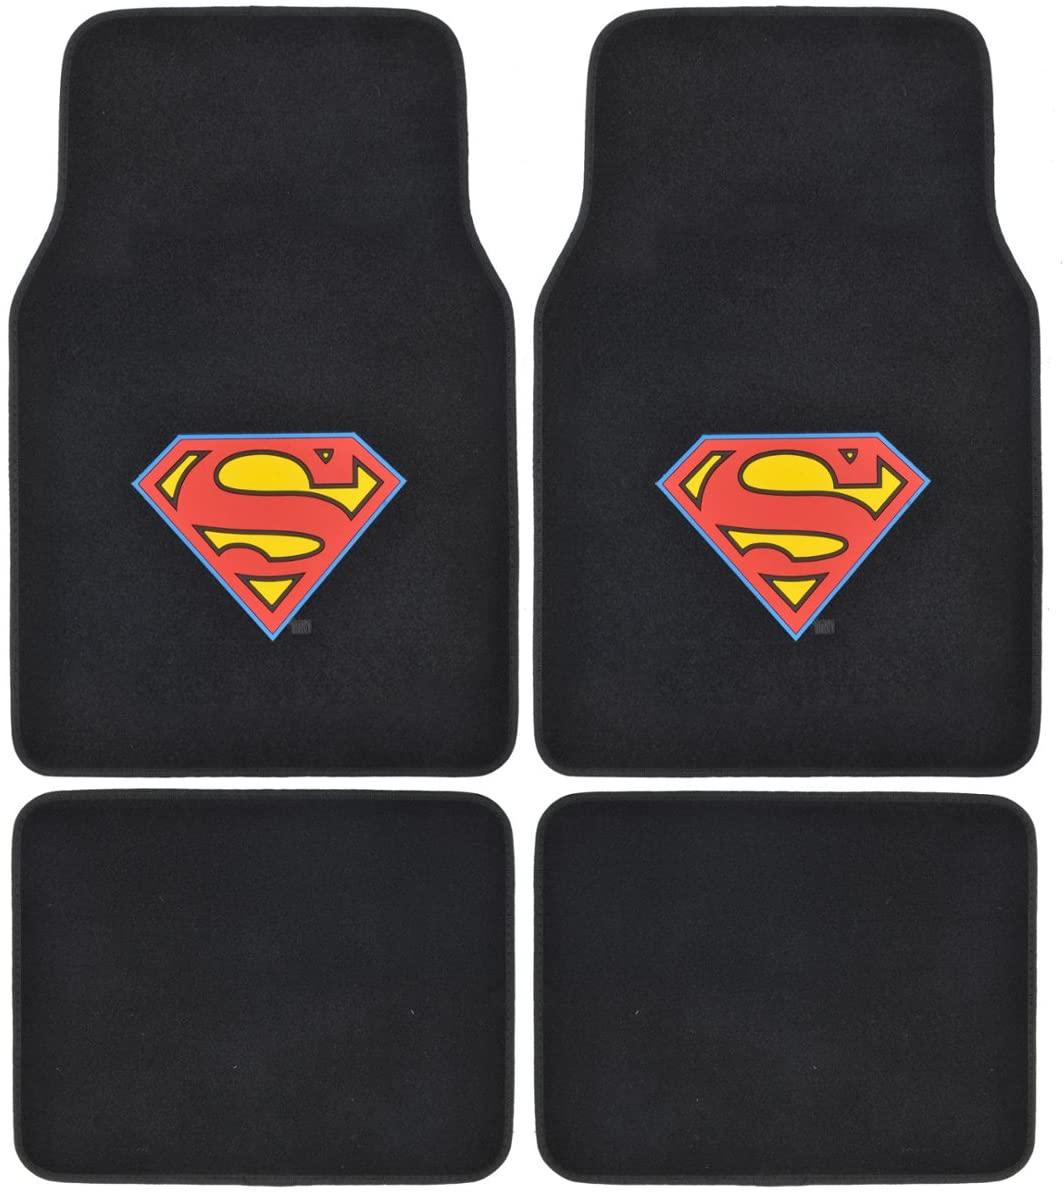 BDK WMT1601 Black Superman Carpet Floor Car SUV Van & Truck-Original Design Mats-4 Pieces